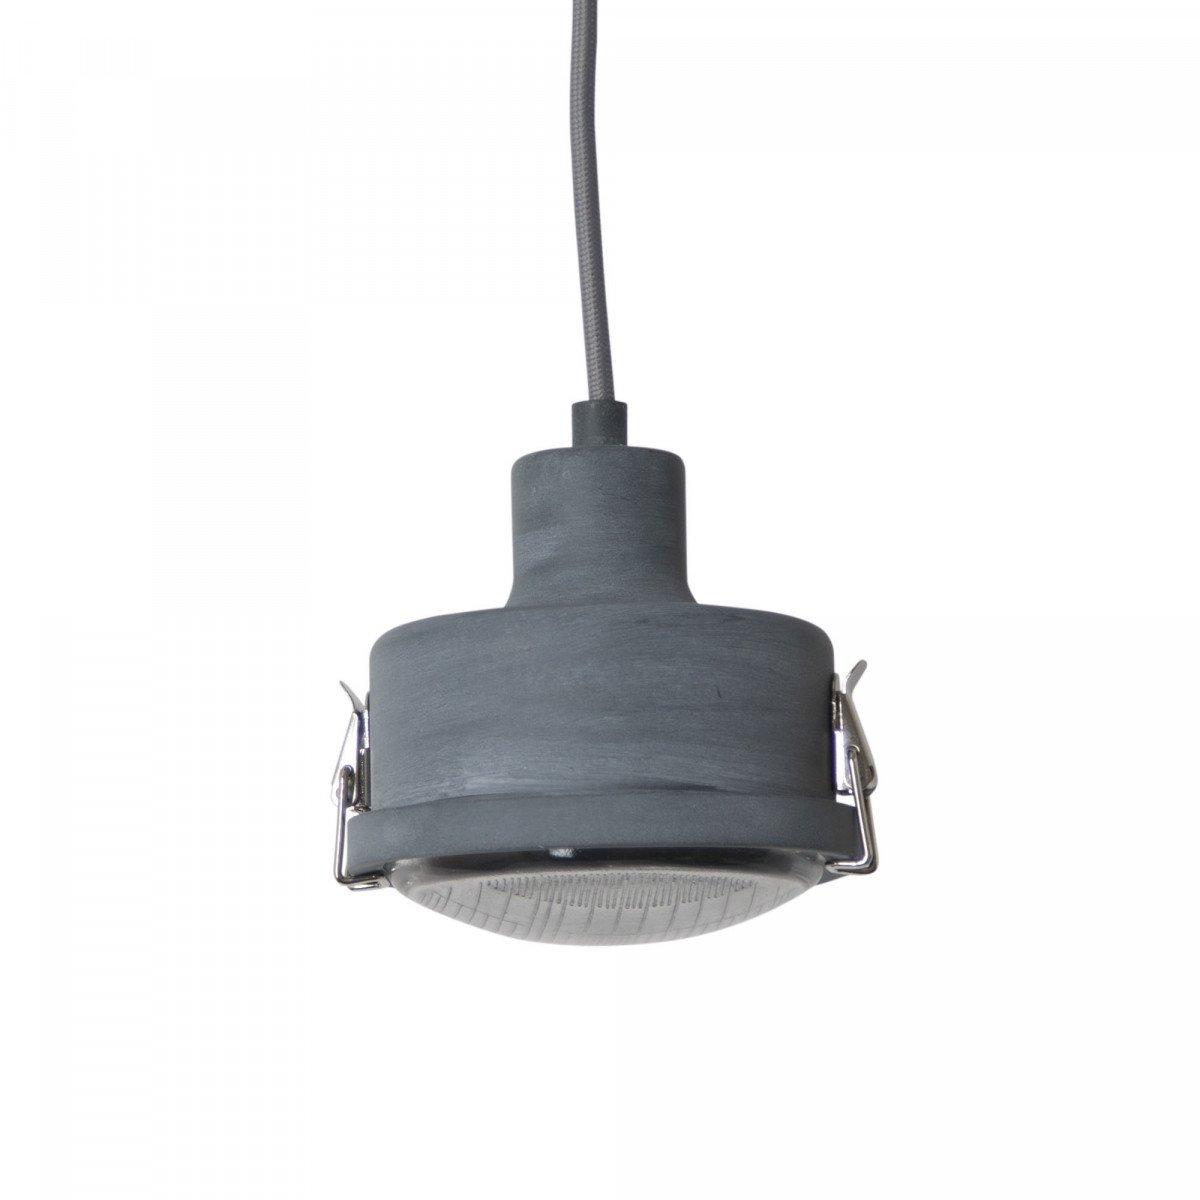 industriele hanglampen - hanglamp Satellite grijs of zwart - stoere lampen - Nostalux